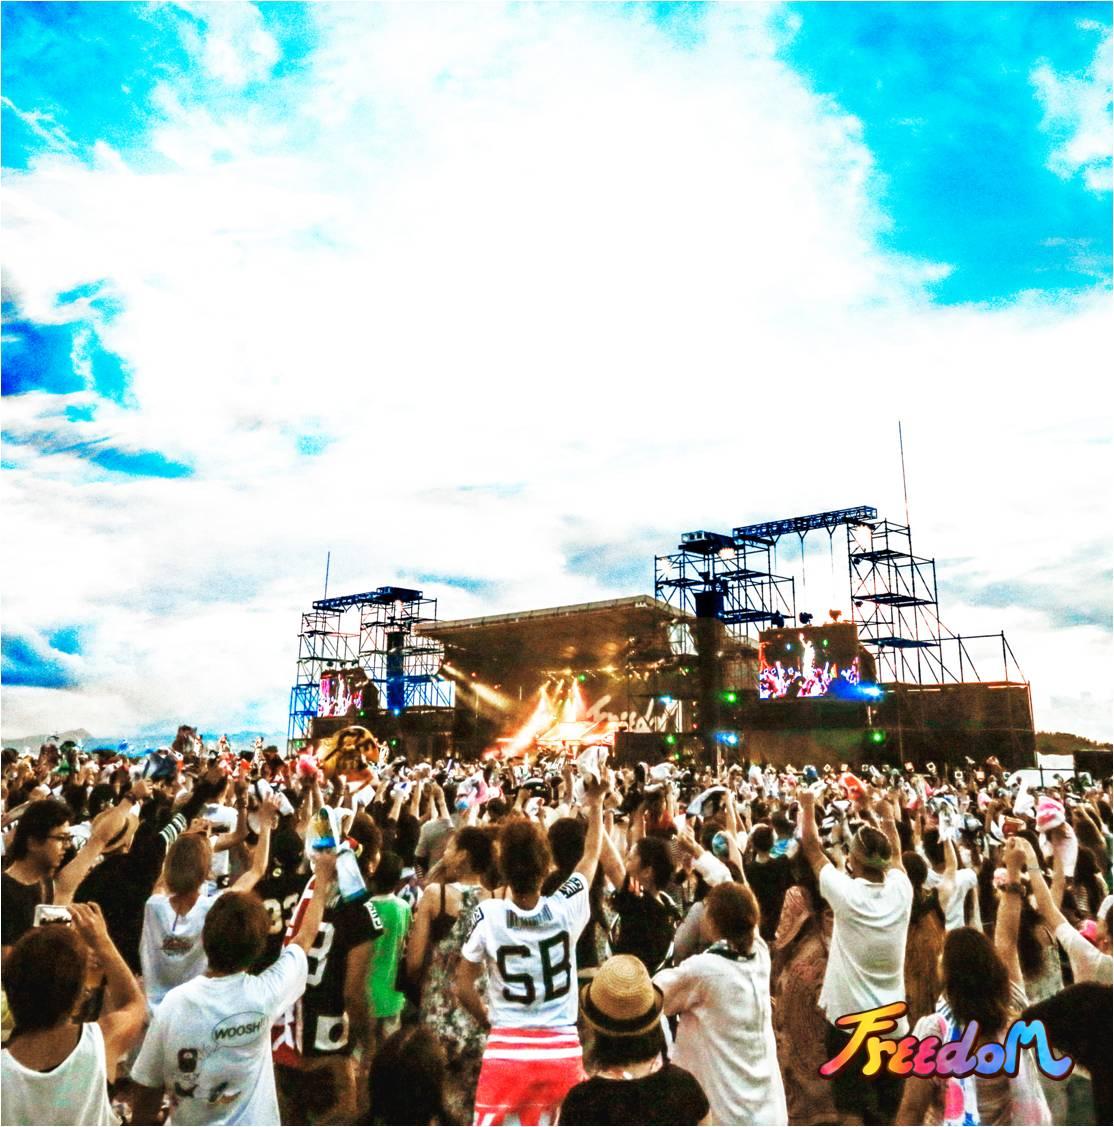 """""""夏フェスの女王""""MINMIプロデュースの音楽フェス『FREEDOM aozora 2016』東北・淡路島公演の追加概要発表!"""